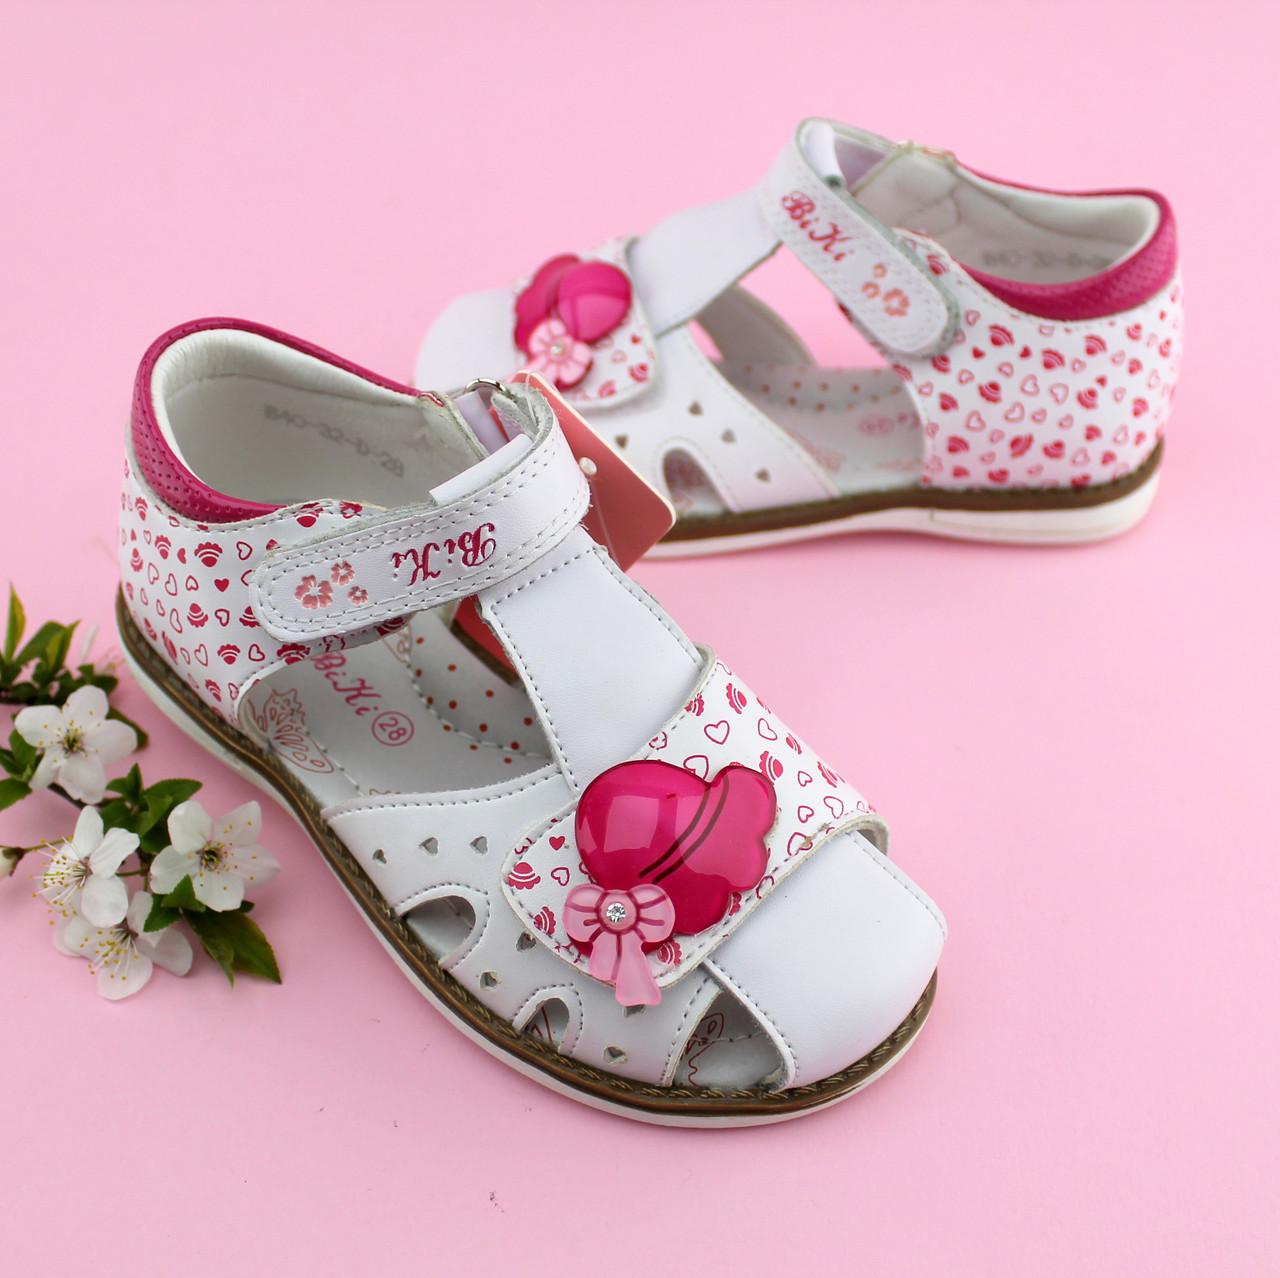 4cdceec0 Купить Босоножки на девочку Белые с розовым Bi&Ki размер 27,32 в ...